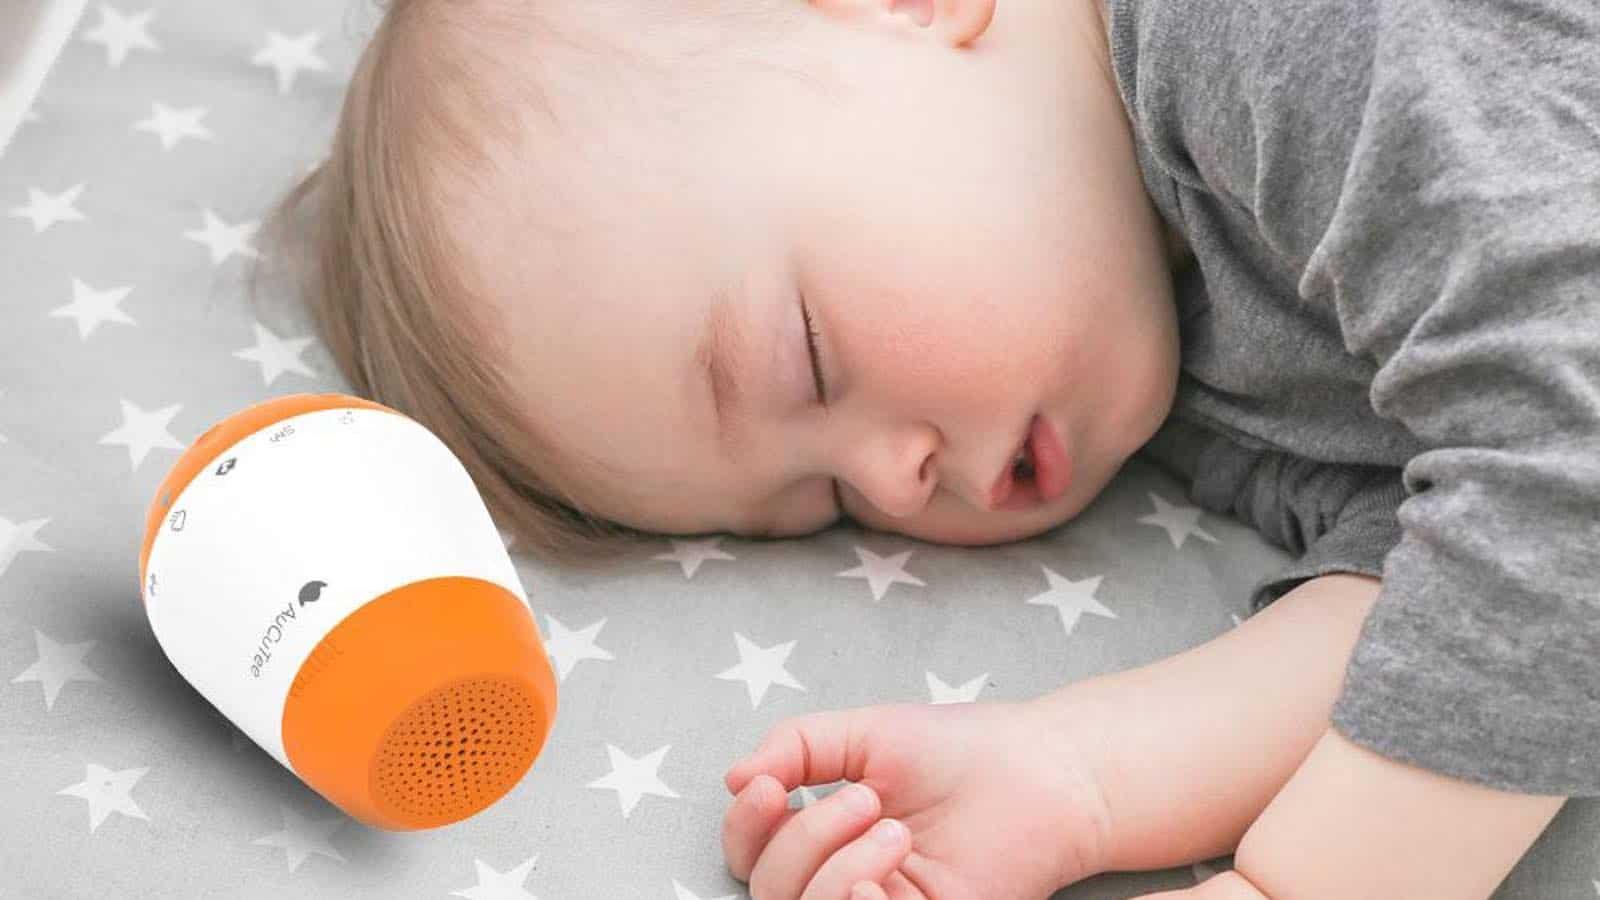 Die K1 Baby Soothing Sounds Maschine erhöht die Schlafdauer und Schlafqualität signifikant